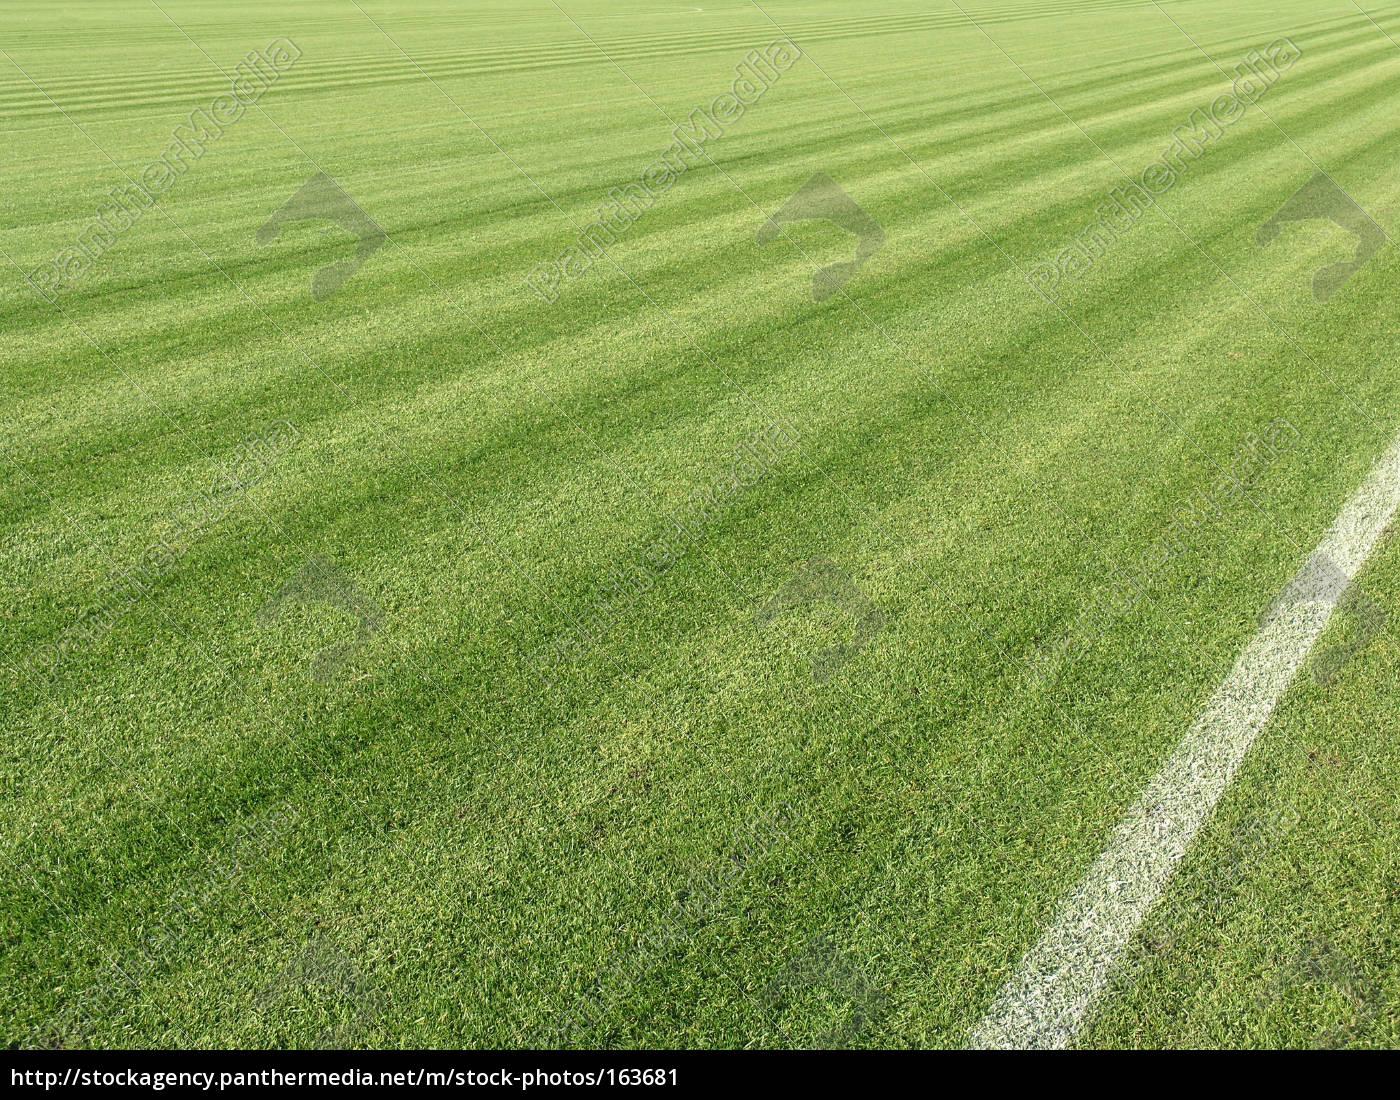 football, turf - 163681